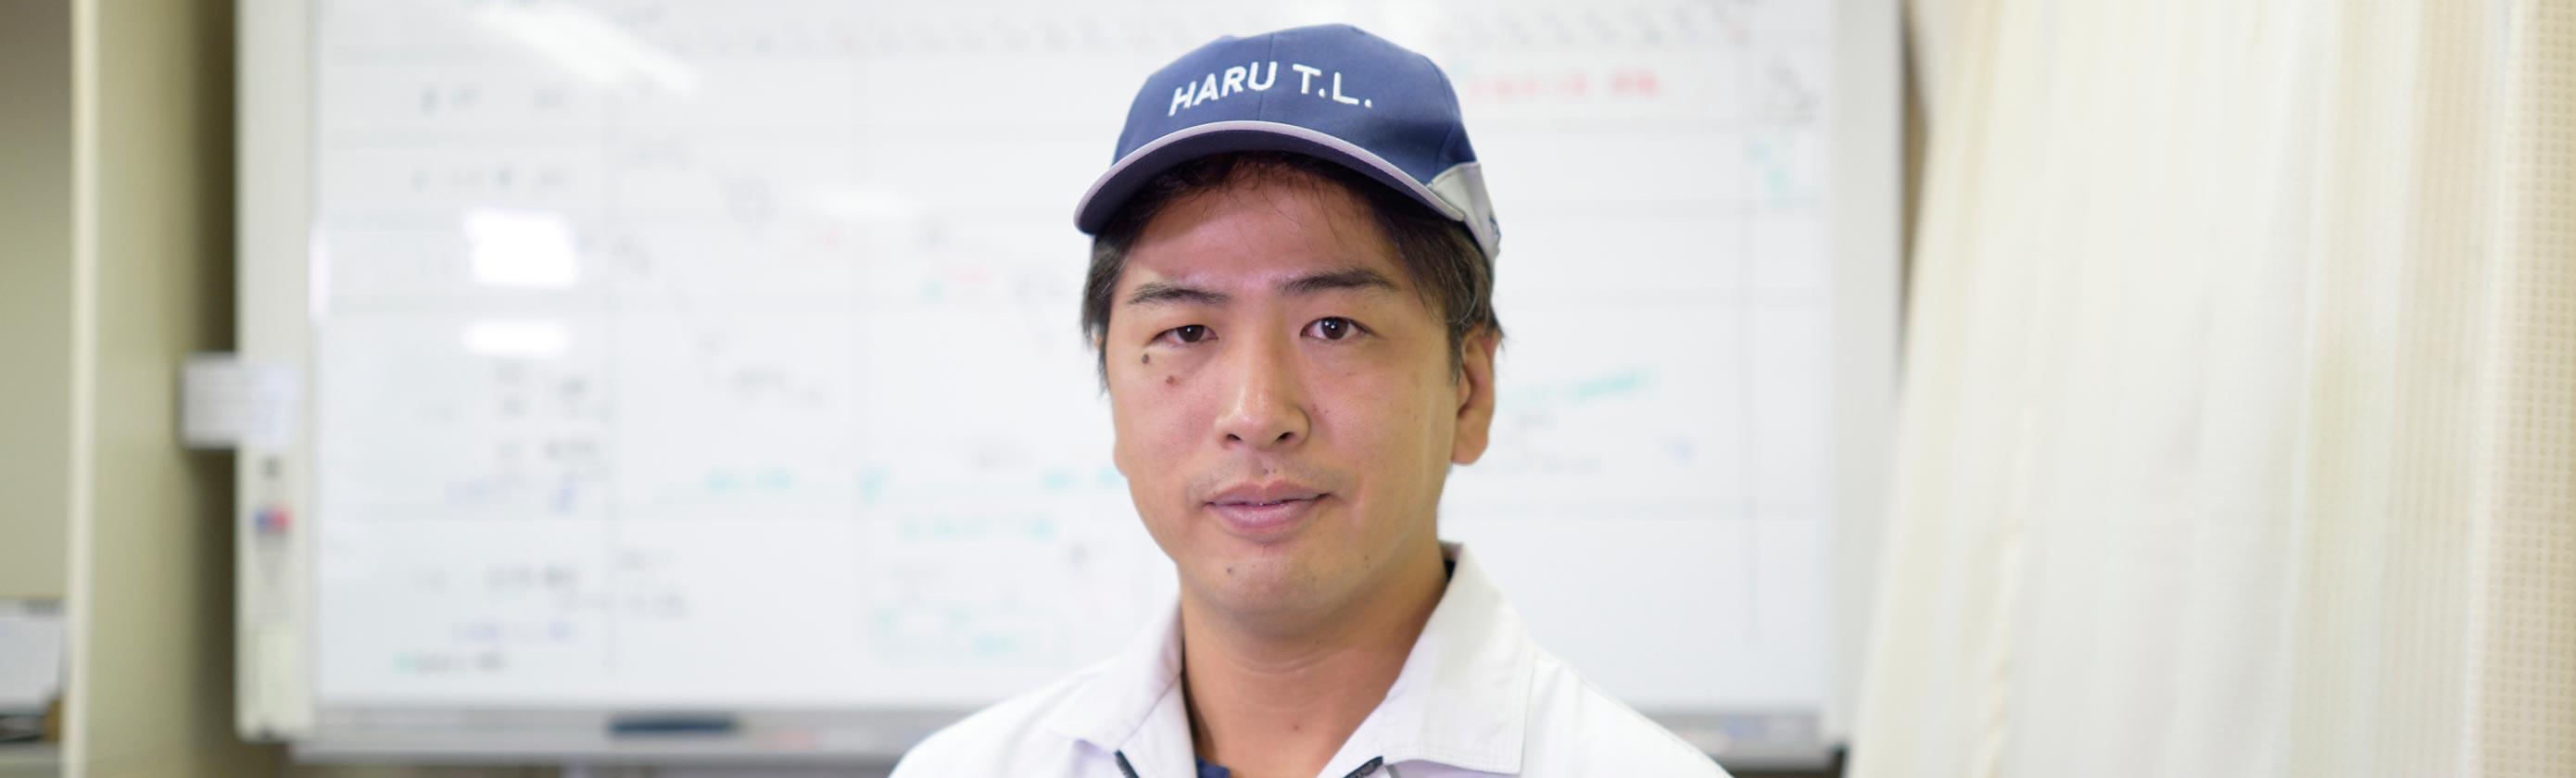 ハル技術研究所営業部紹介イメージ